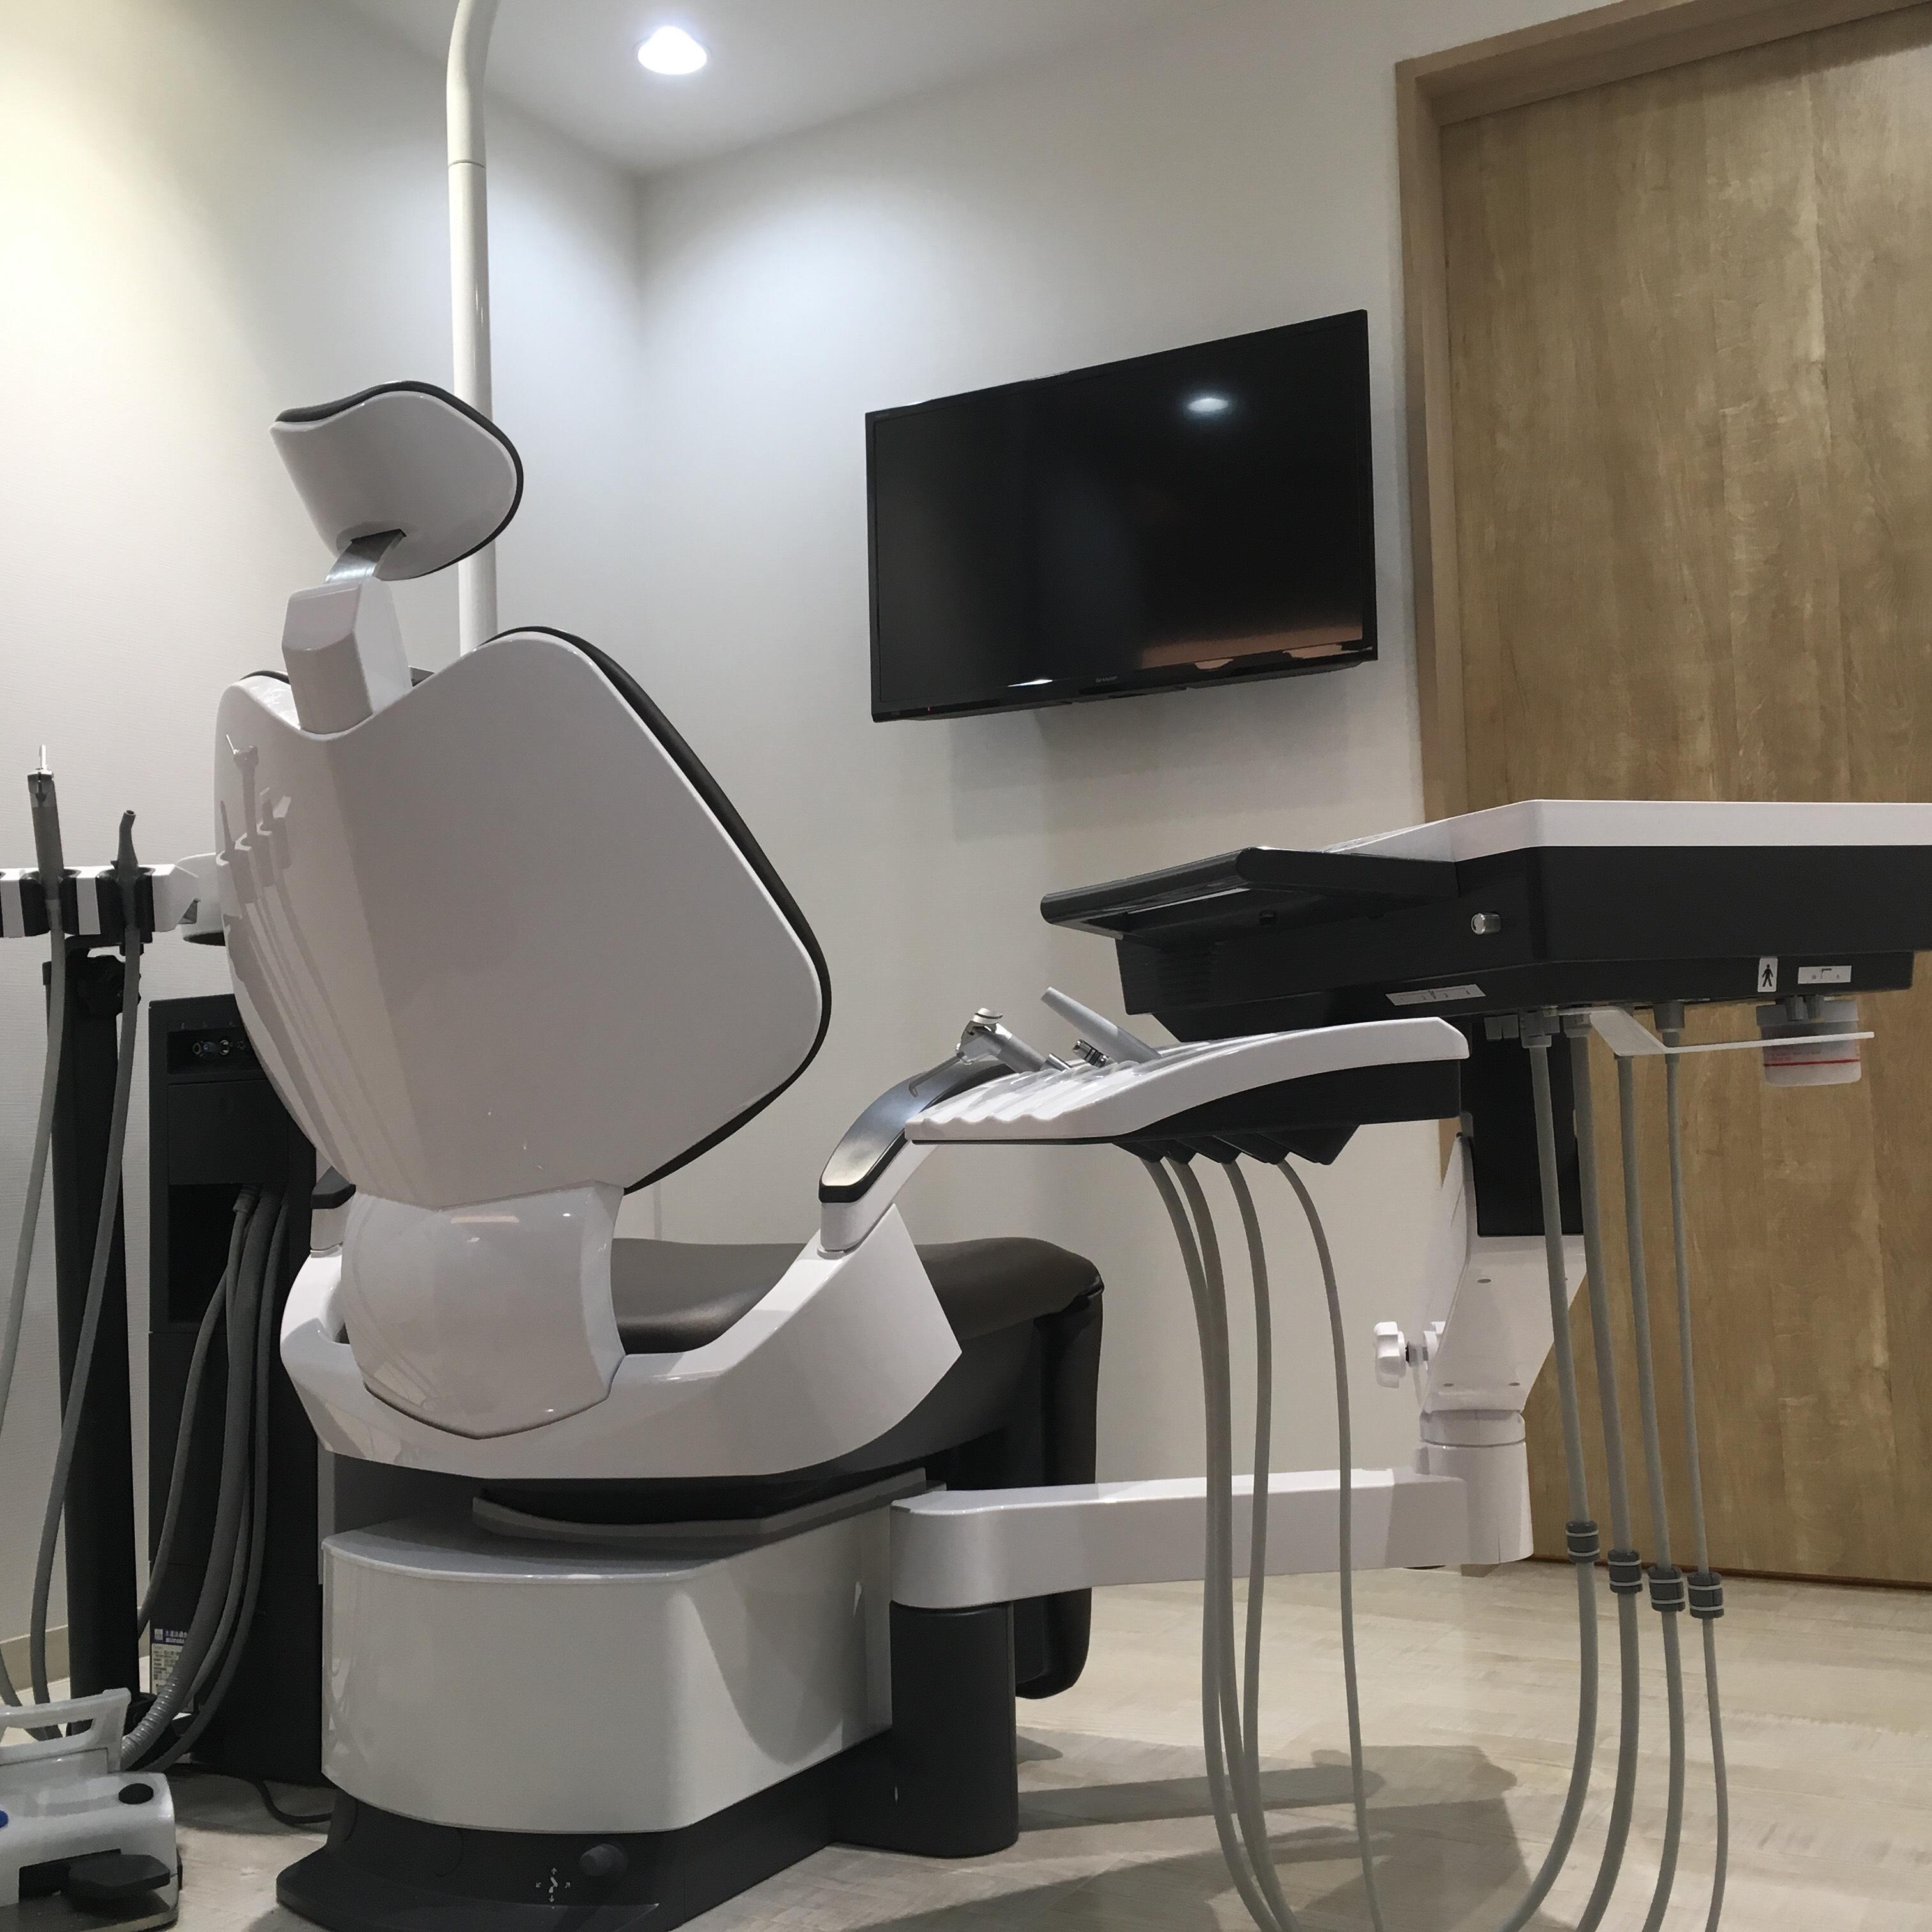 神戸市垂水区のオリーブ歯科クリニック 新しい診療歯科チェア